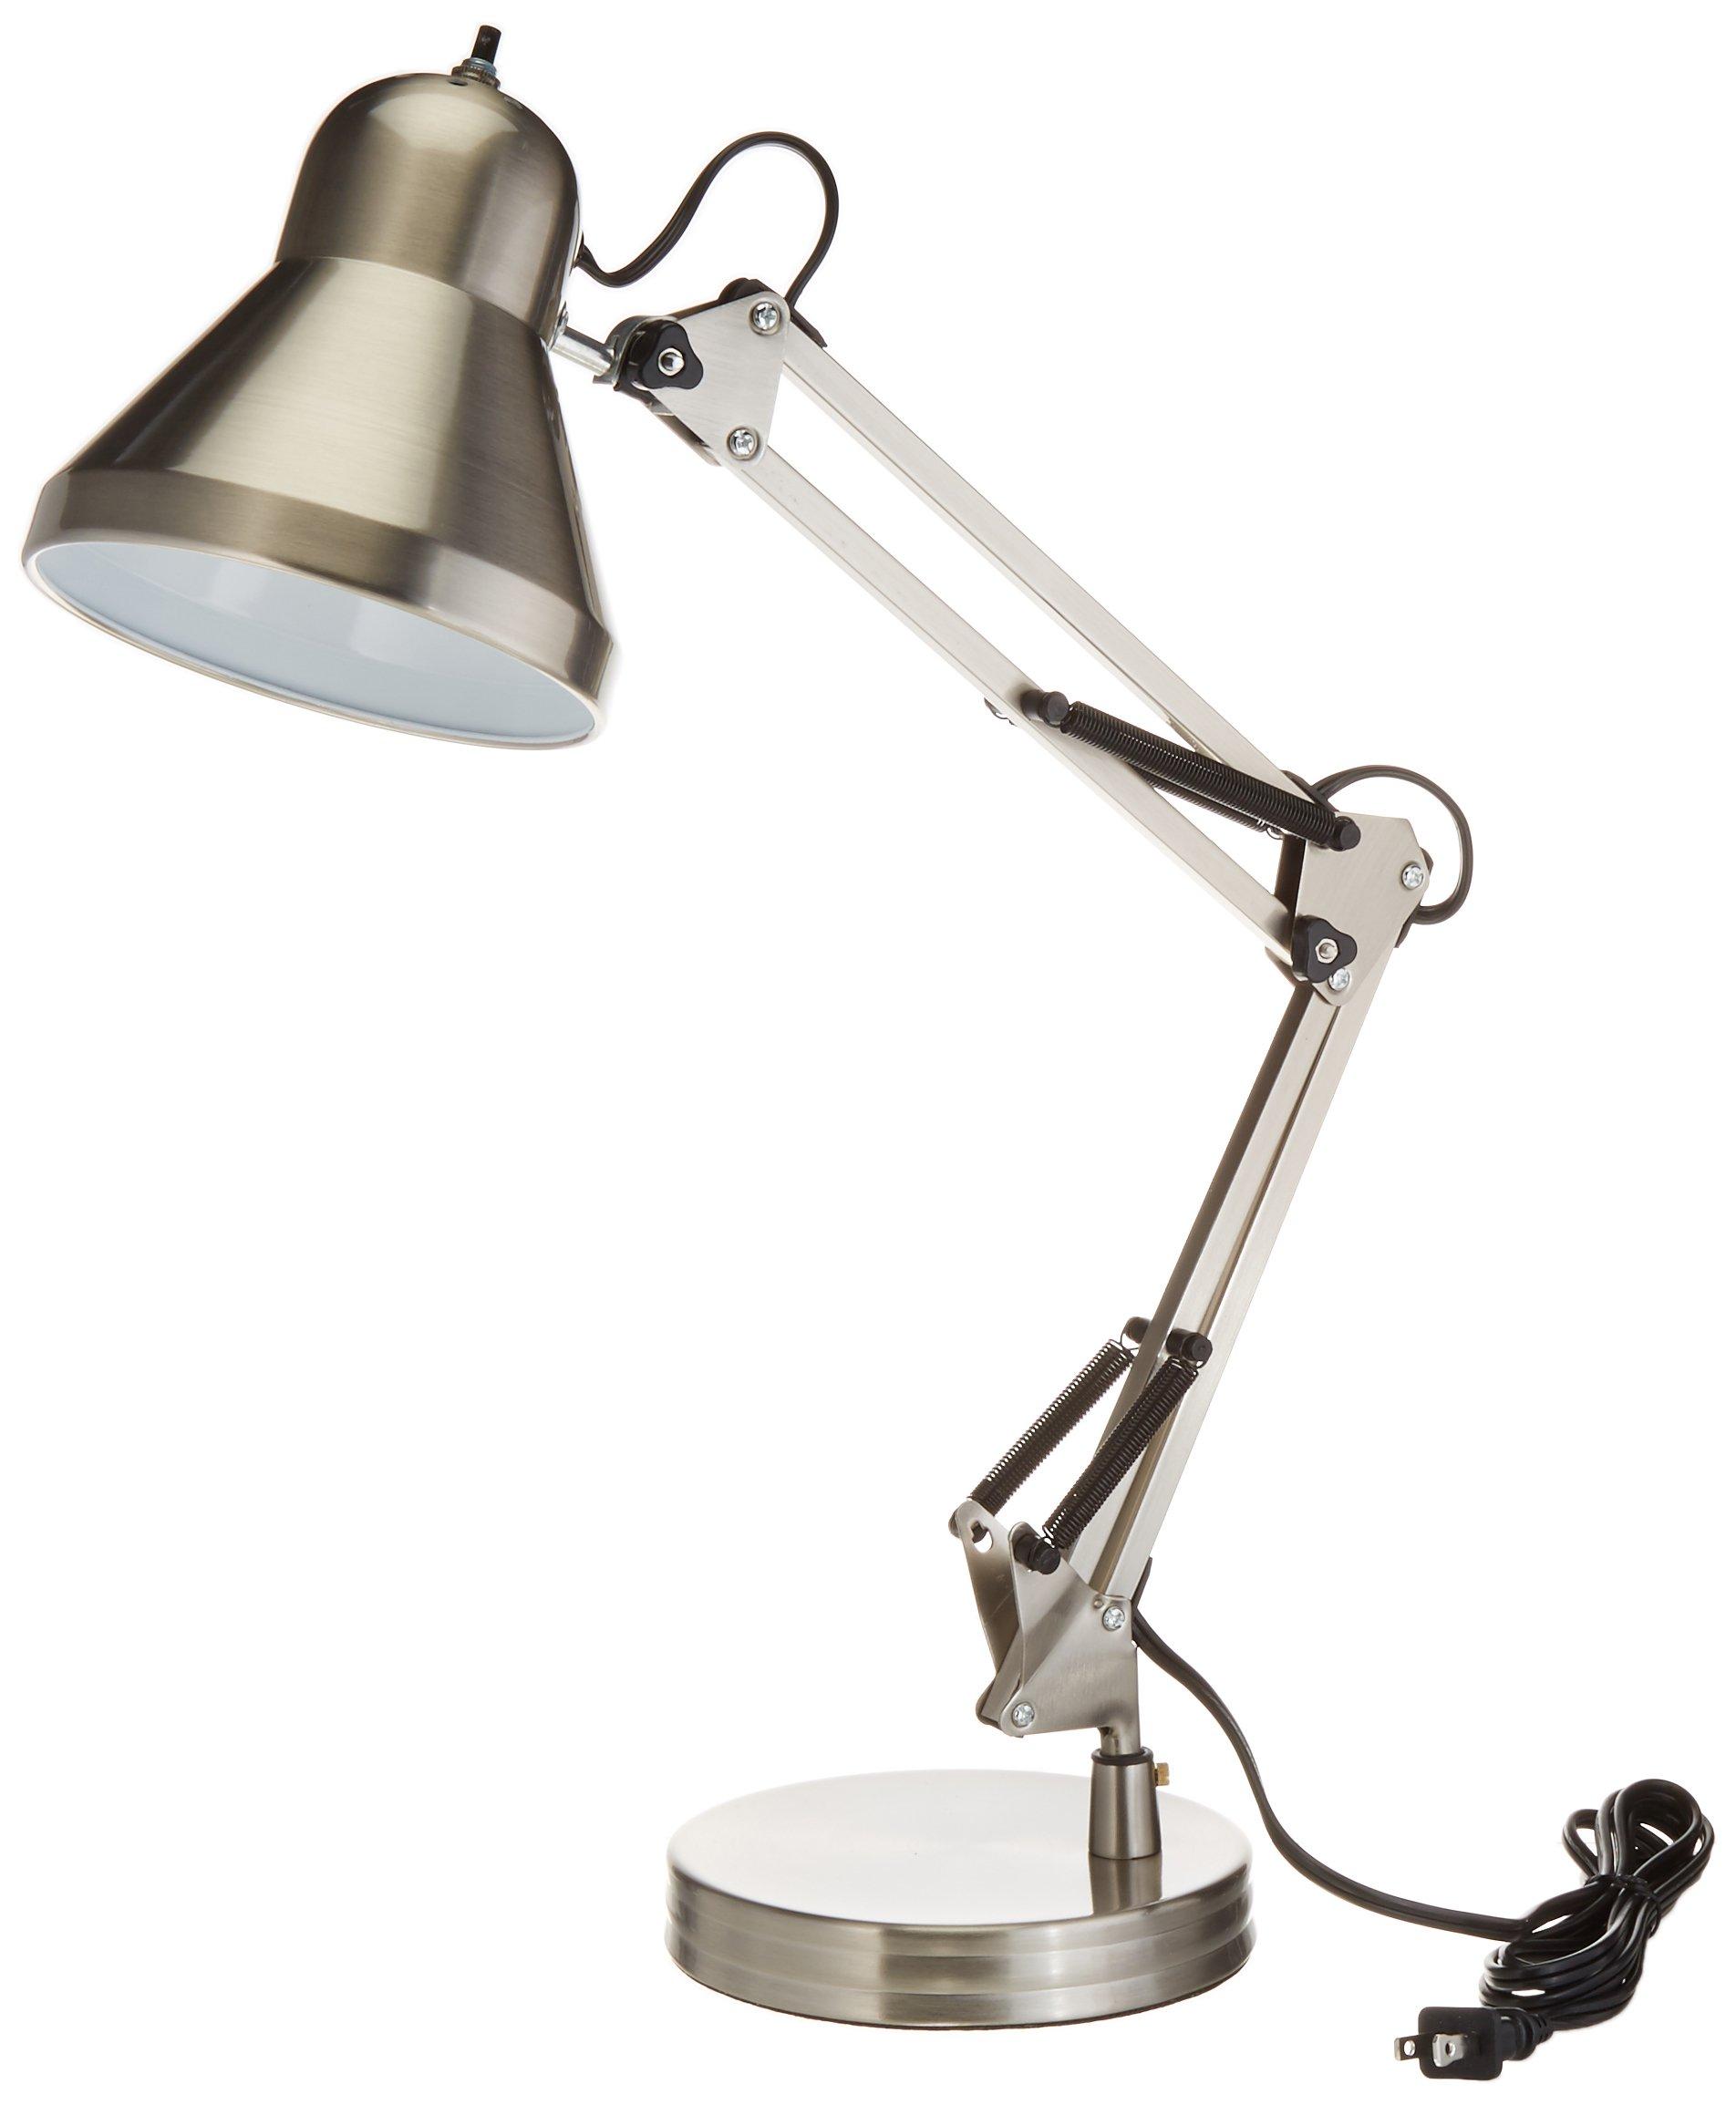 Boston Harbor WK-618E-3L Swing Arm Lamp Holder for Desk Lamp, Brushed Nickel